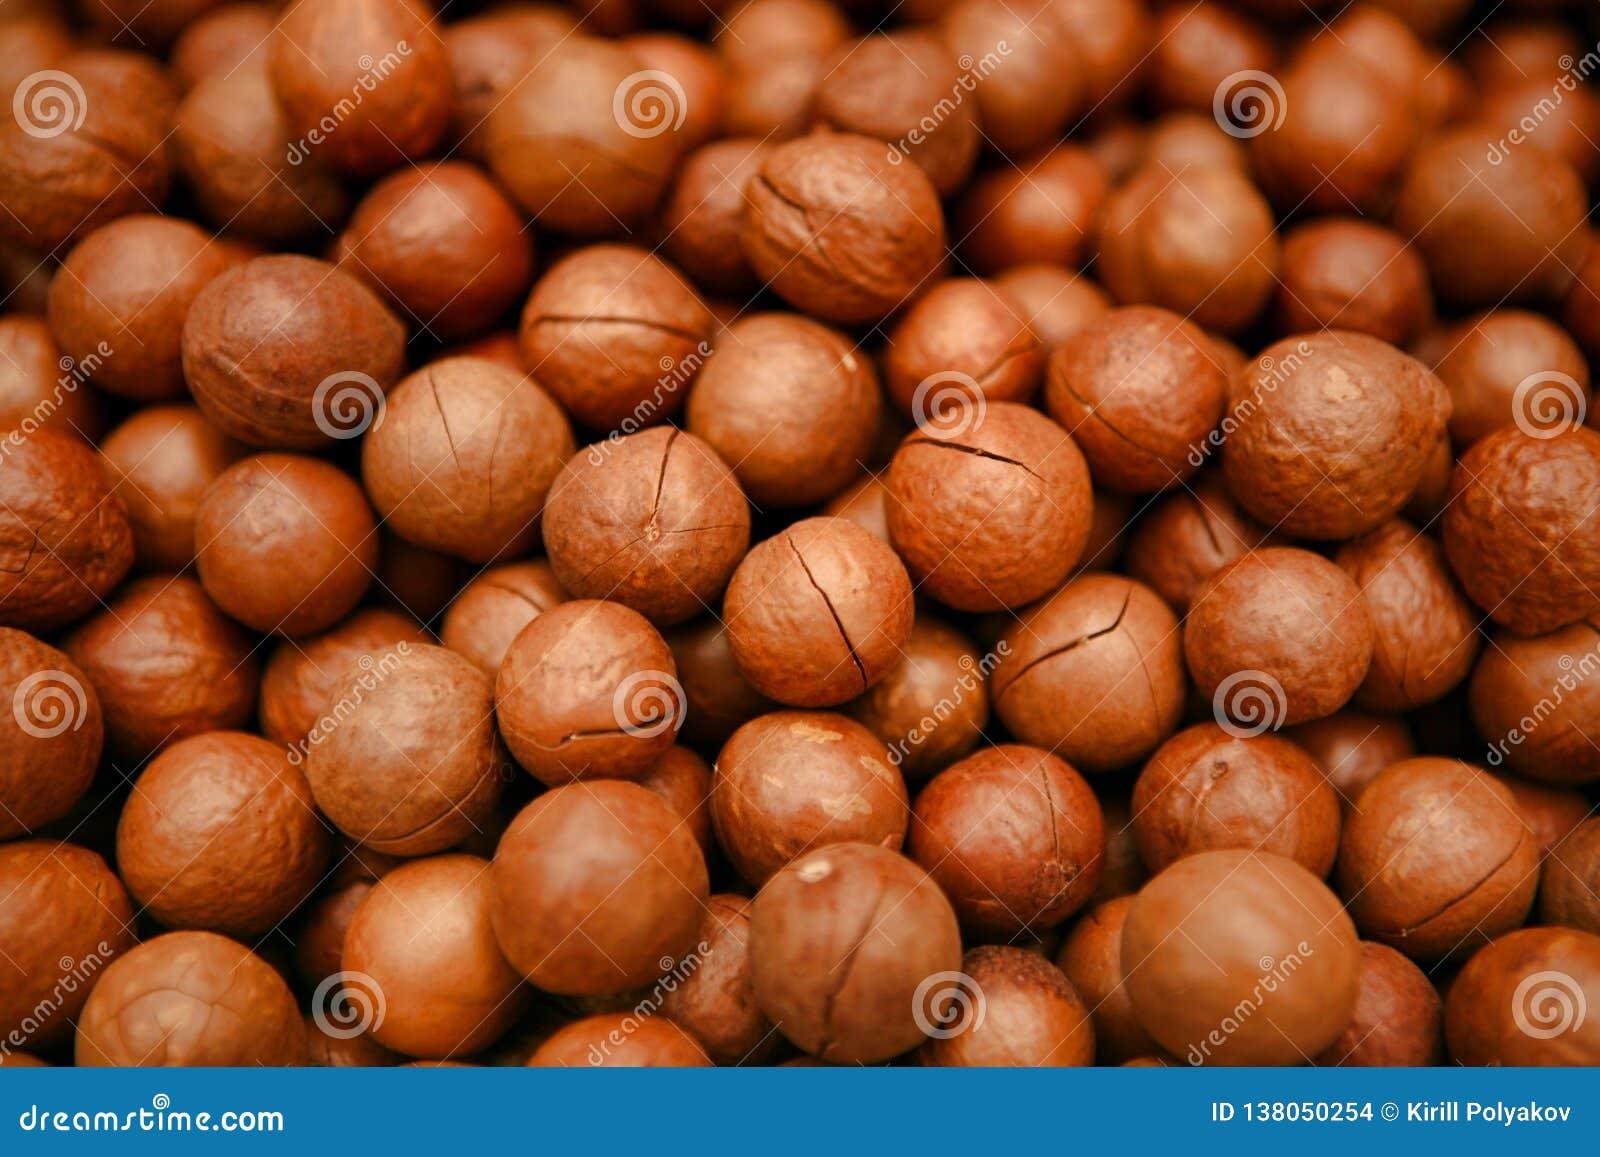 Seifenerz von einer der wertvollsten Nüsse in der Welt - Macadamia